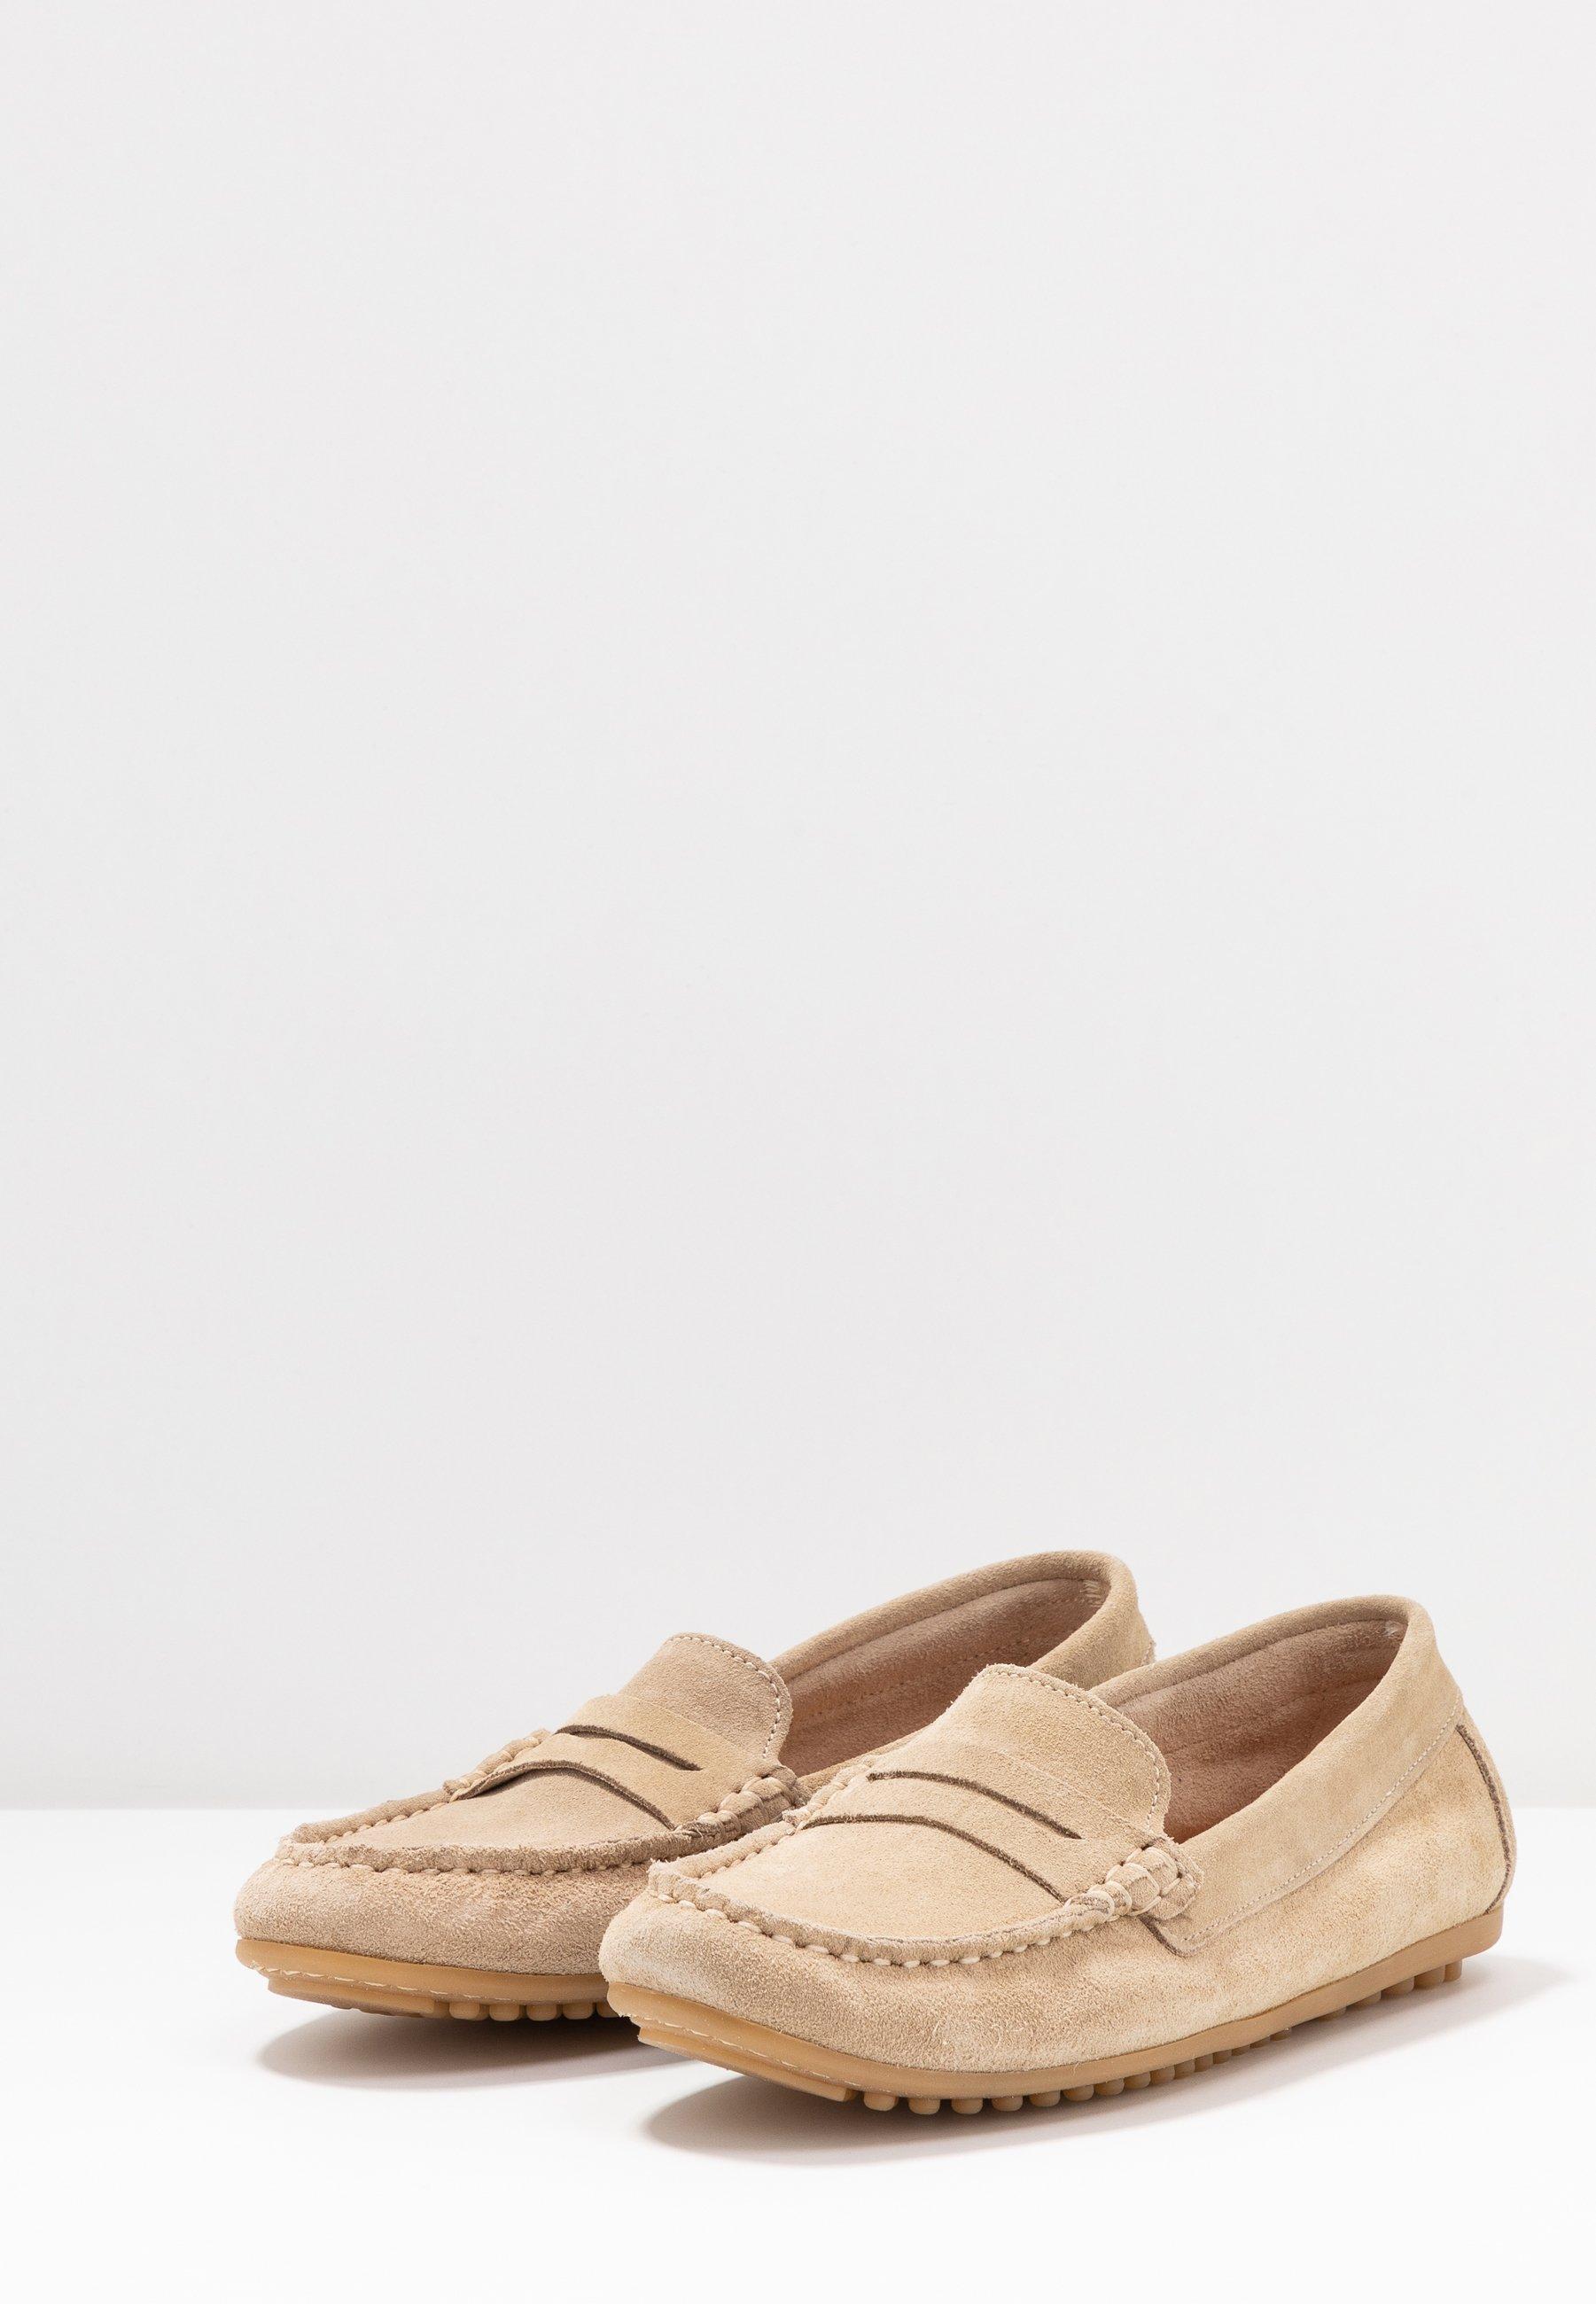 Anna Field Leather Moccasins - Mocassins Beige Goedkope Schoenen